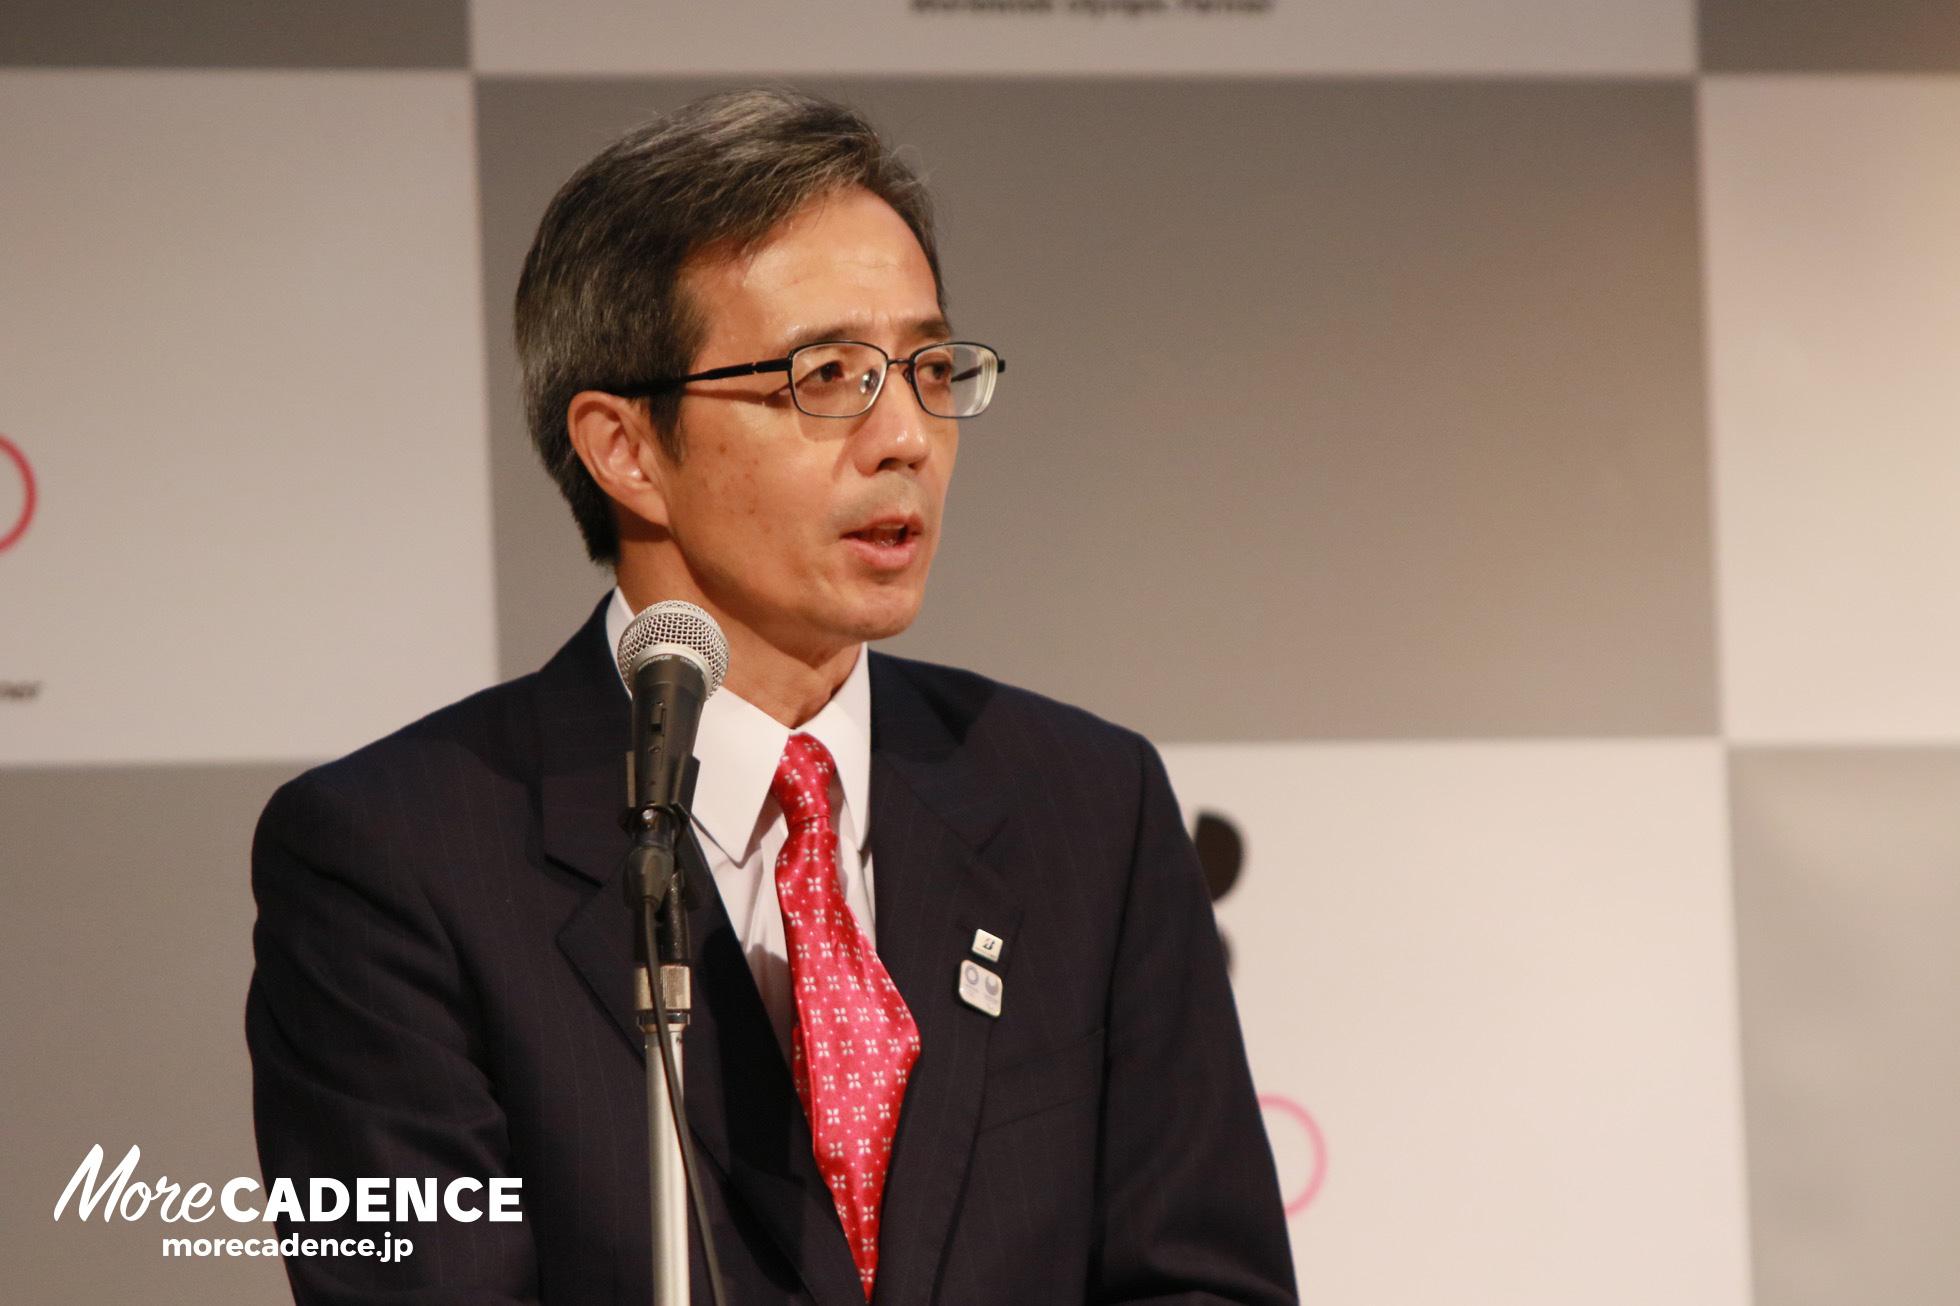 ブリヂストンサイクル株式会社代表取締役社長 関口匡一氏